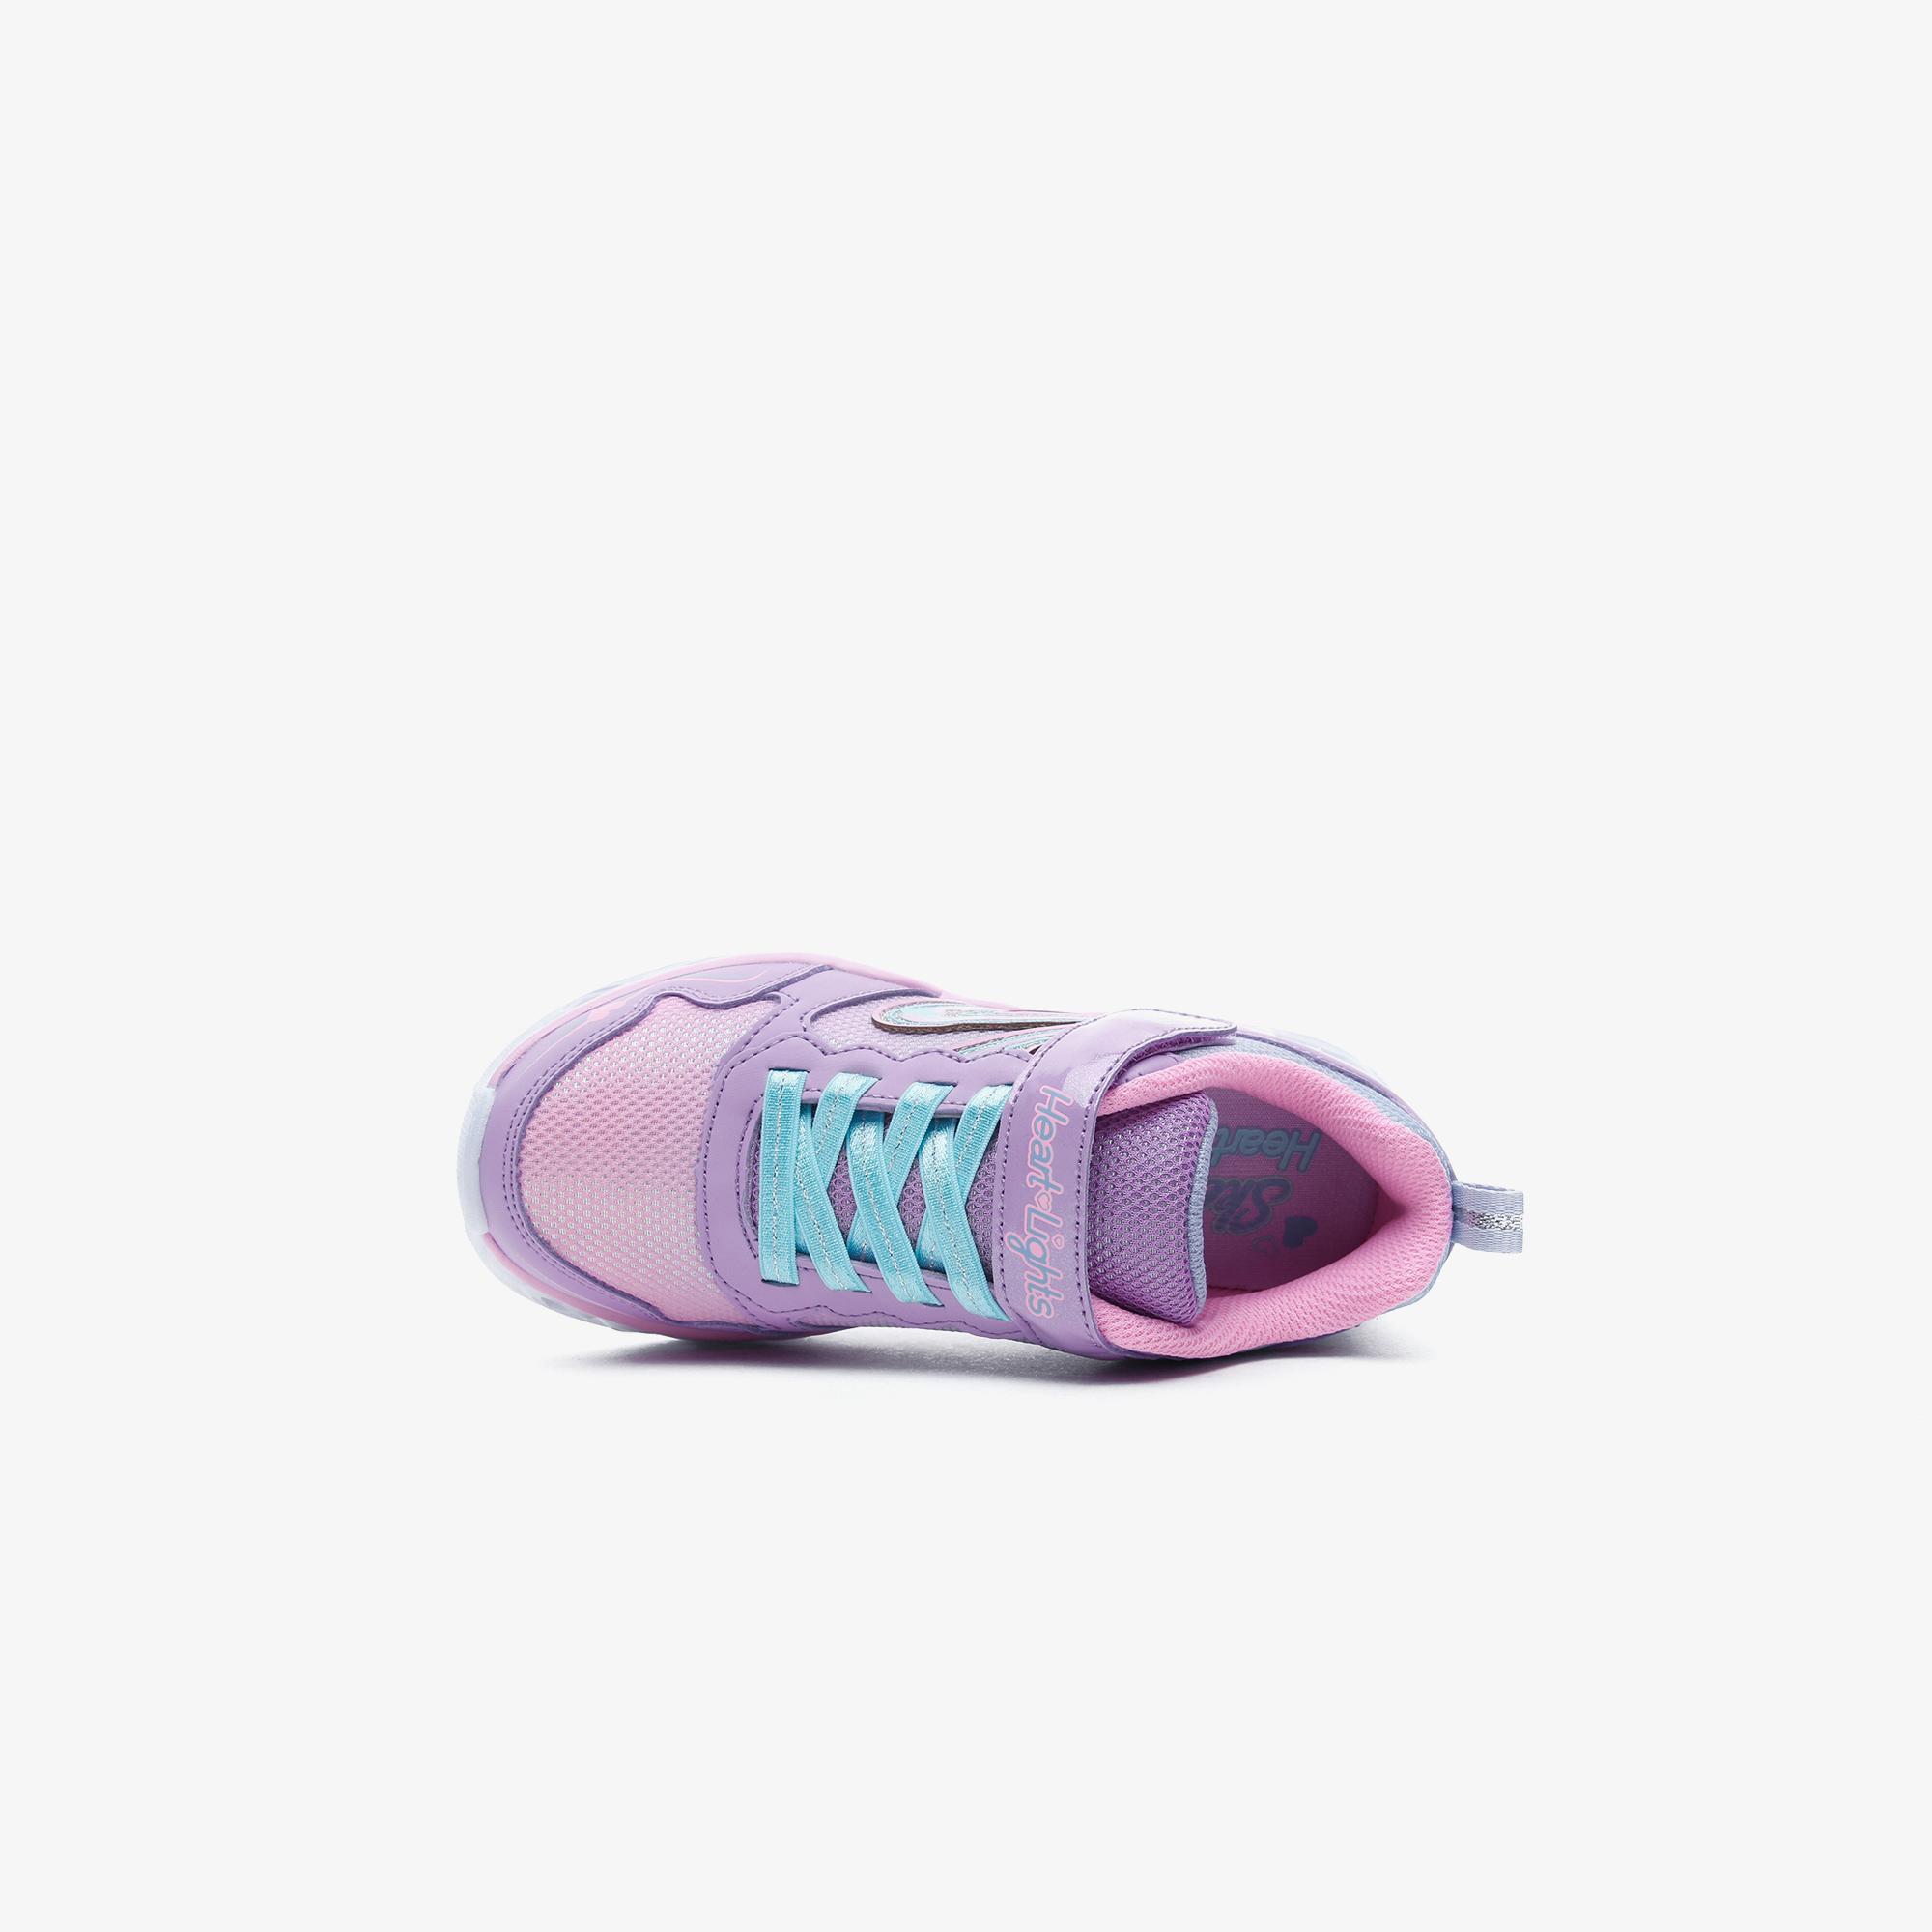 Skechers Heart Lights - Love Spark Çocuk Pembe Spor Ayakkabı